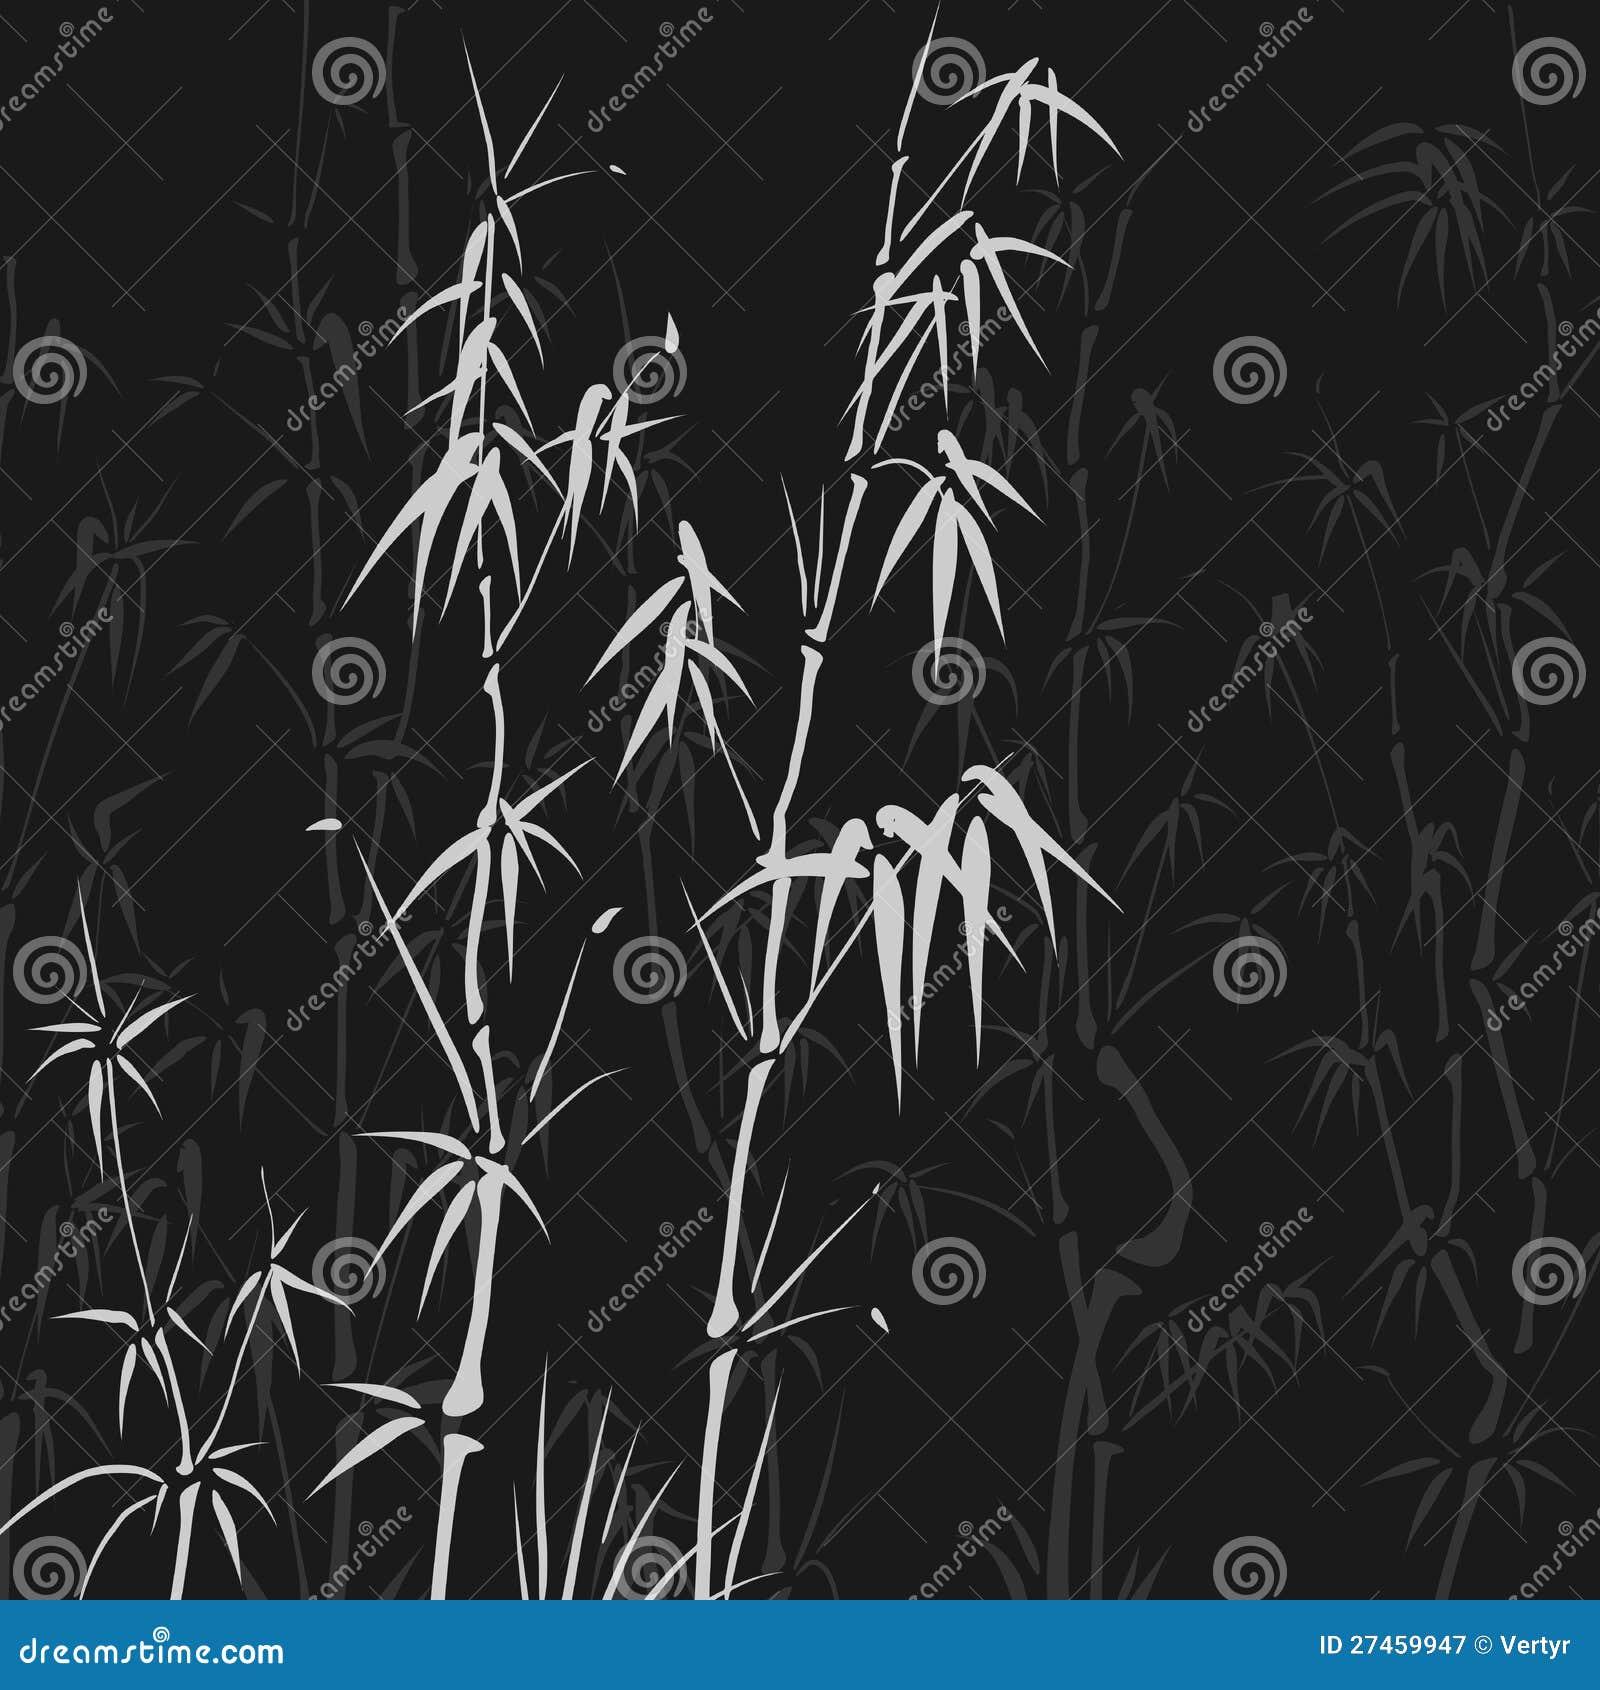 Hintergrund mit vielen Bambus in der asiatischen Art.